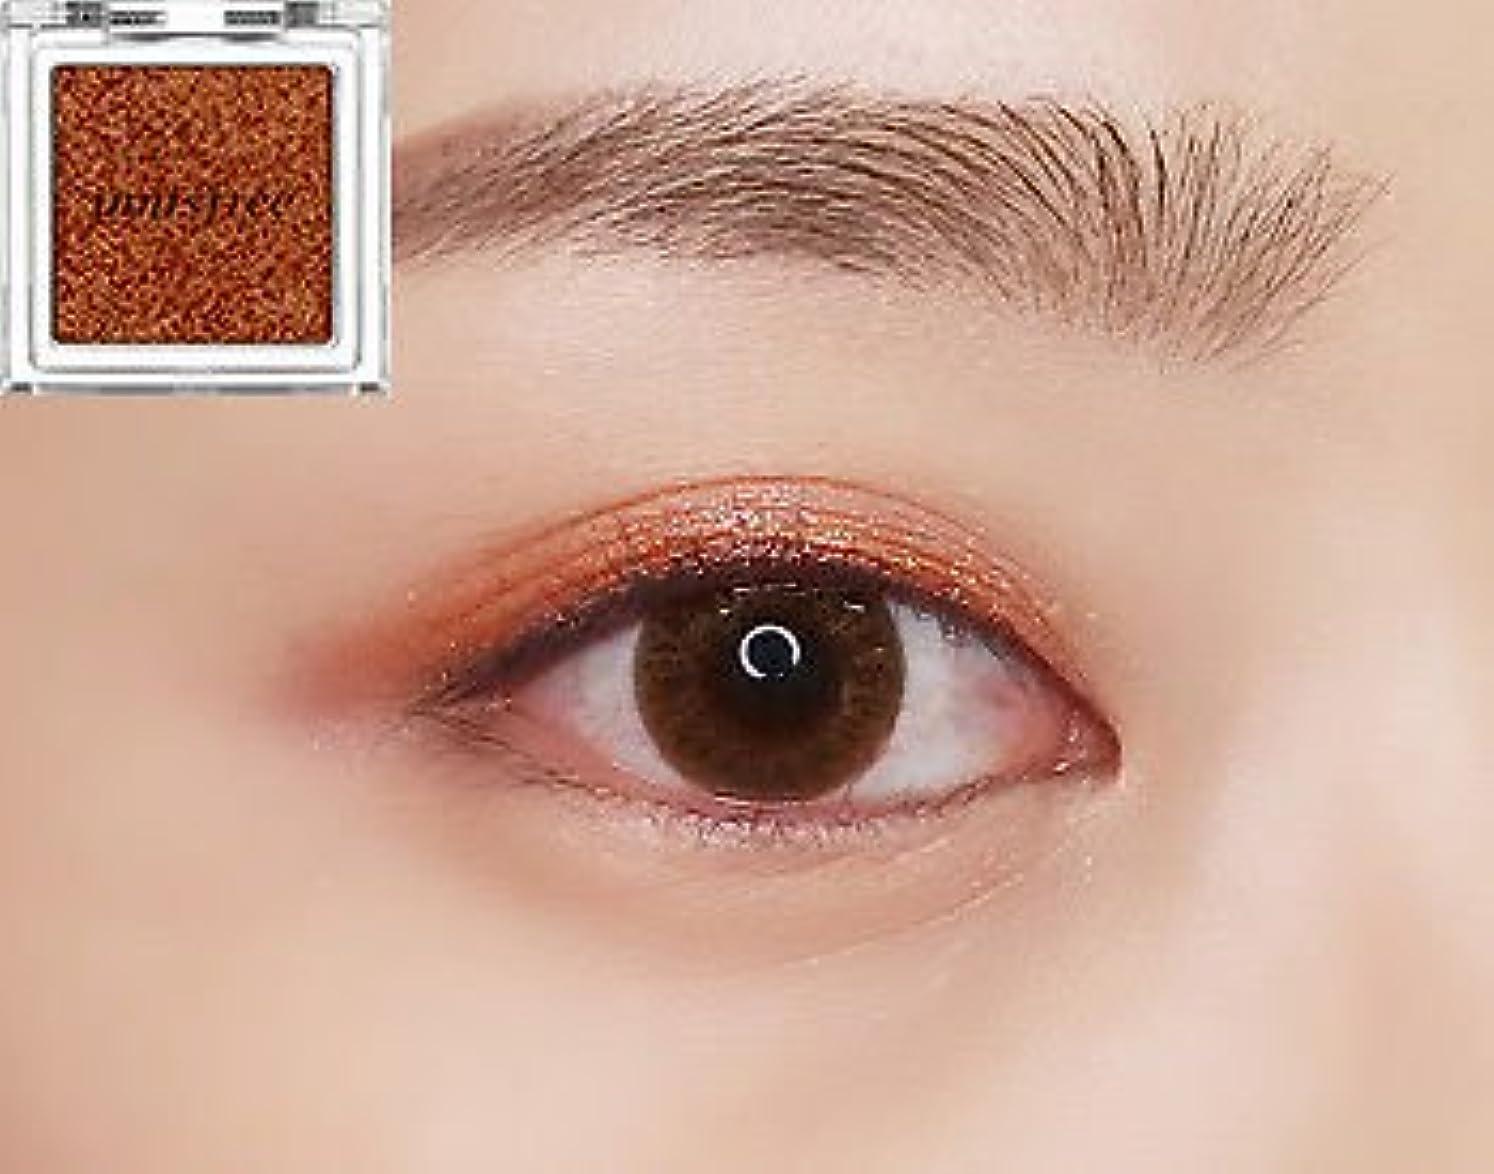 誘う欠陥めまい[イニスフリー] innisfree [マイ パレット マイ アイシャドウ (グリッタ一) 25カラー] MY PALETTE My Eyeshadow (Glitter) 25 Shades [海外直送品] (グリッタ...